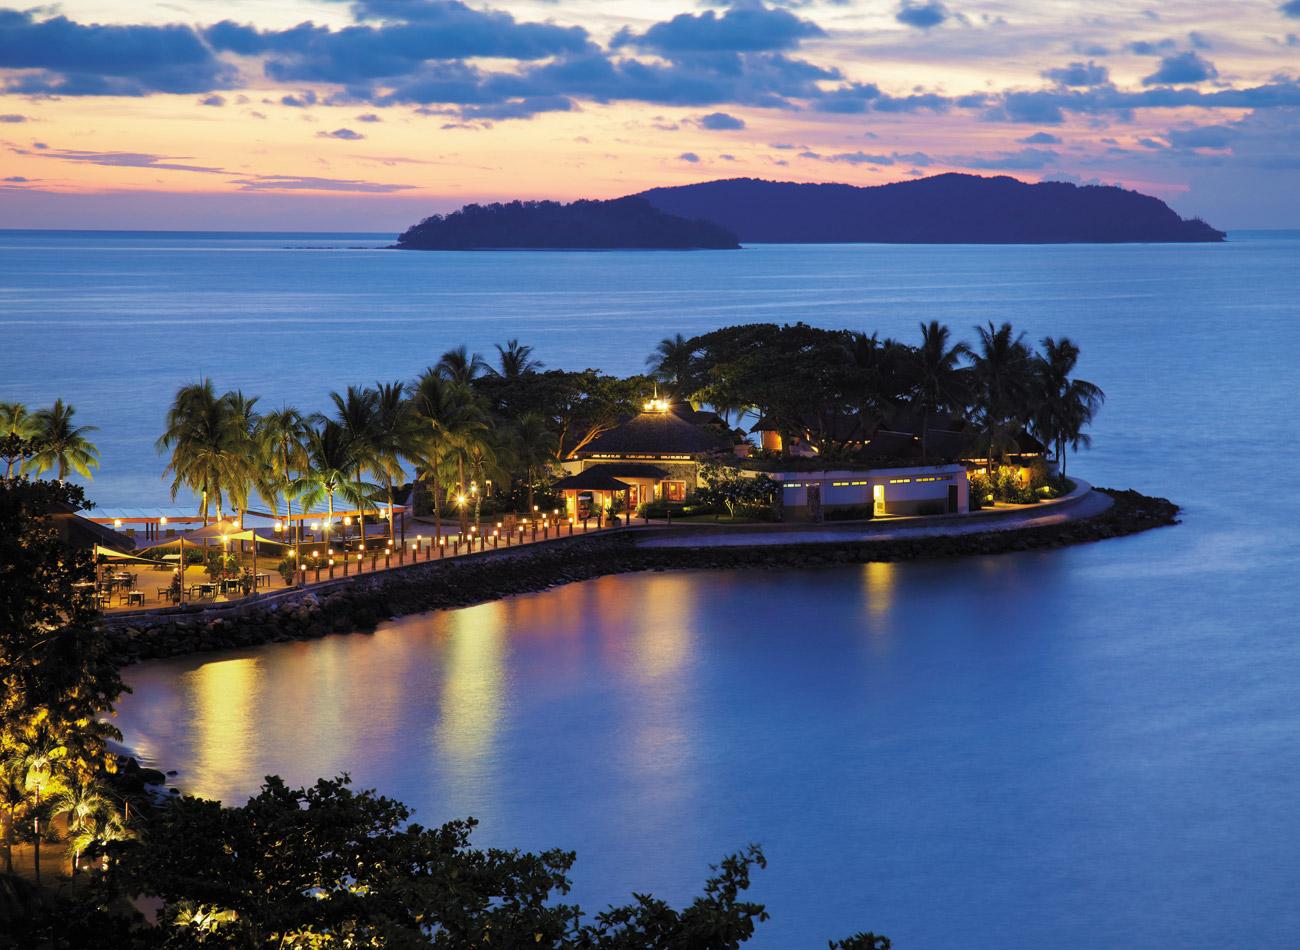 Kota Kinabalu Luxury Beach Resort